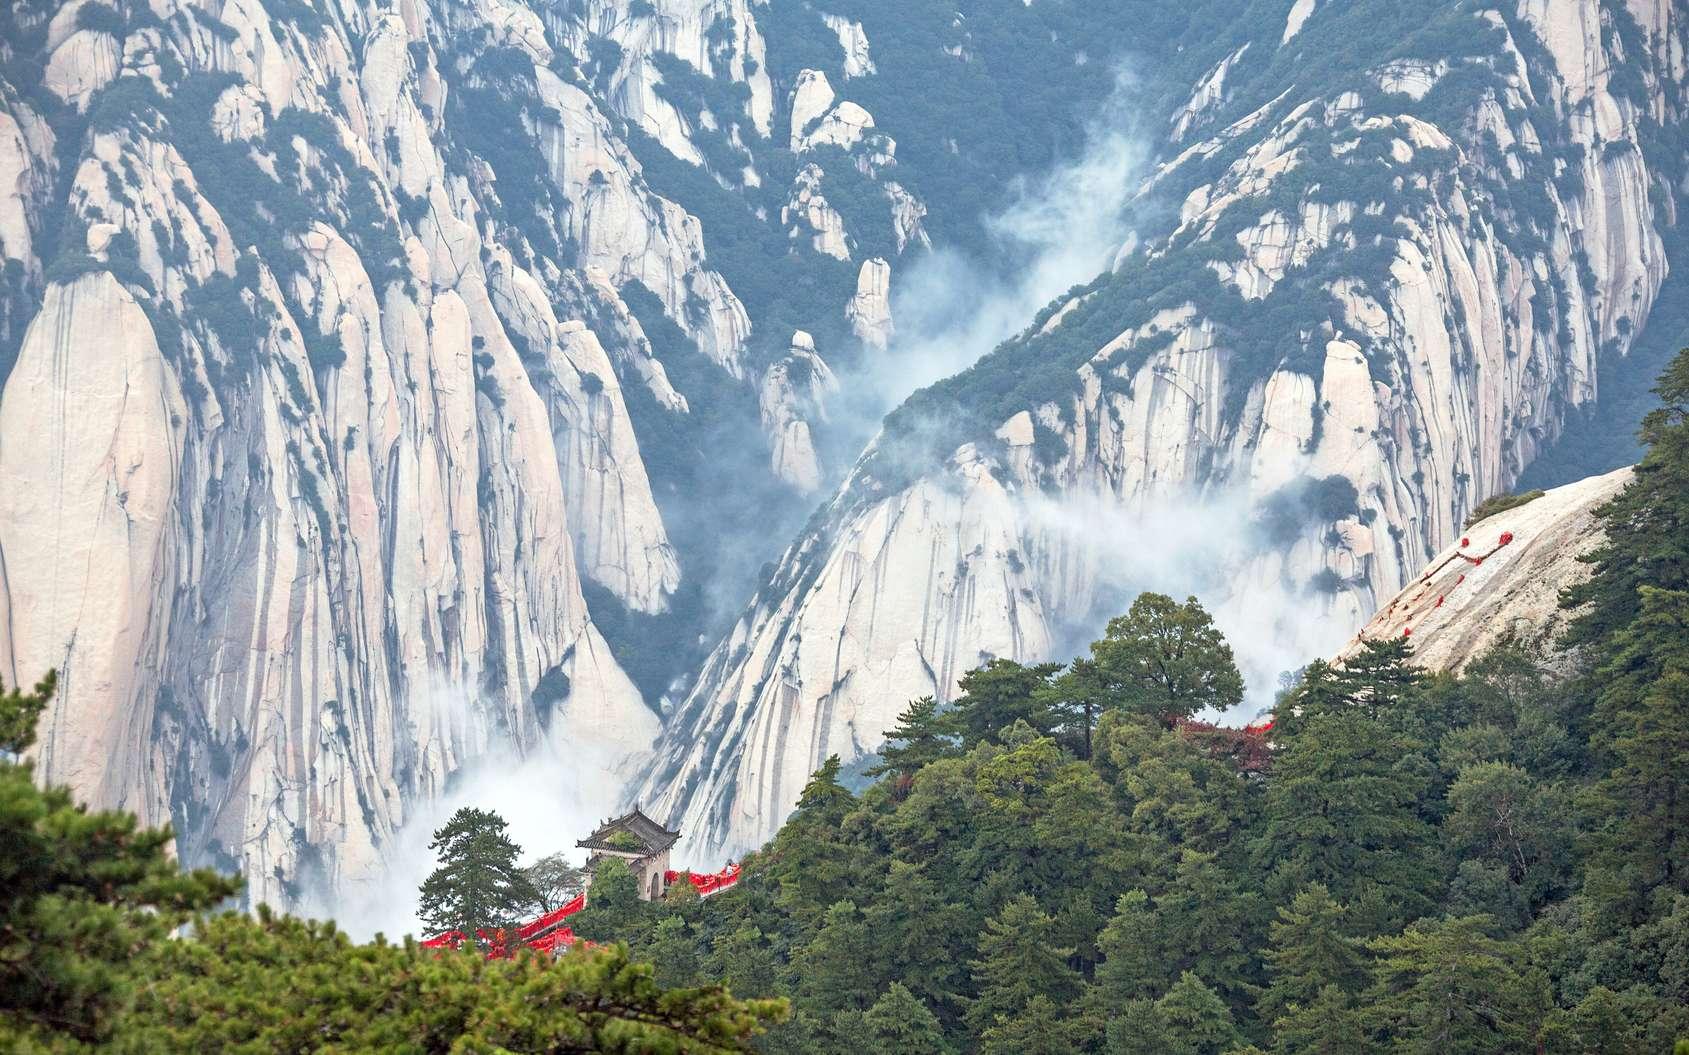 La plus ancienne cité impériale de Chine a été découverte. Ici, paysage dans la chaîne de montagnes du mont Hua, dans la province du Shanxi. © kiwisoul, Fotolia